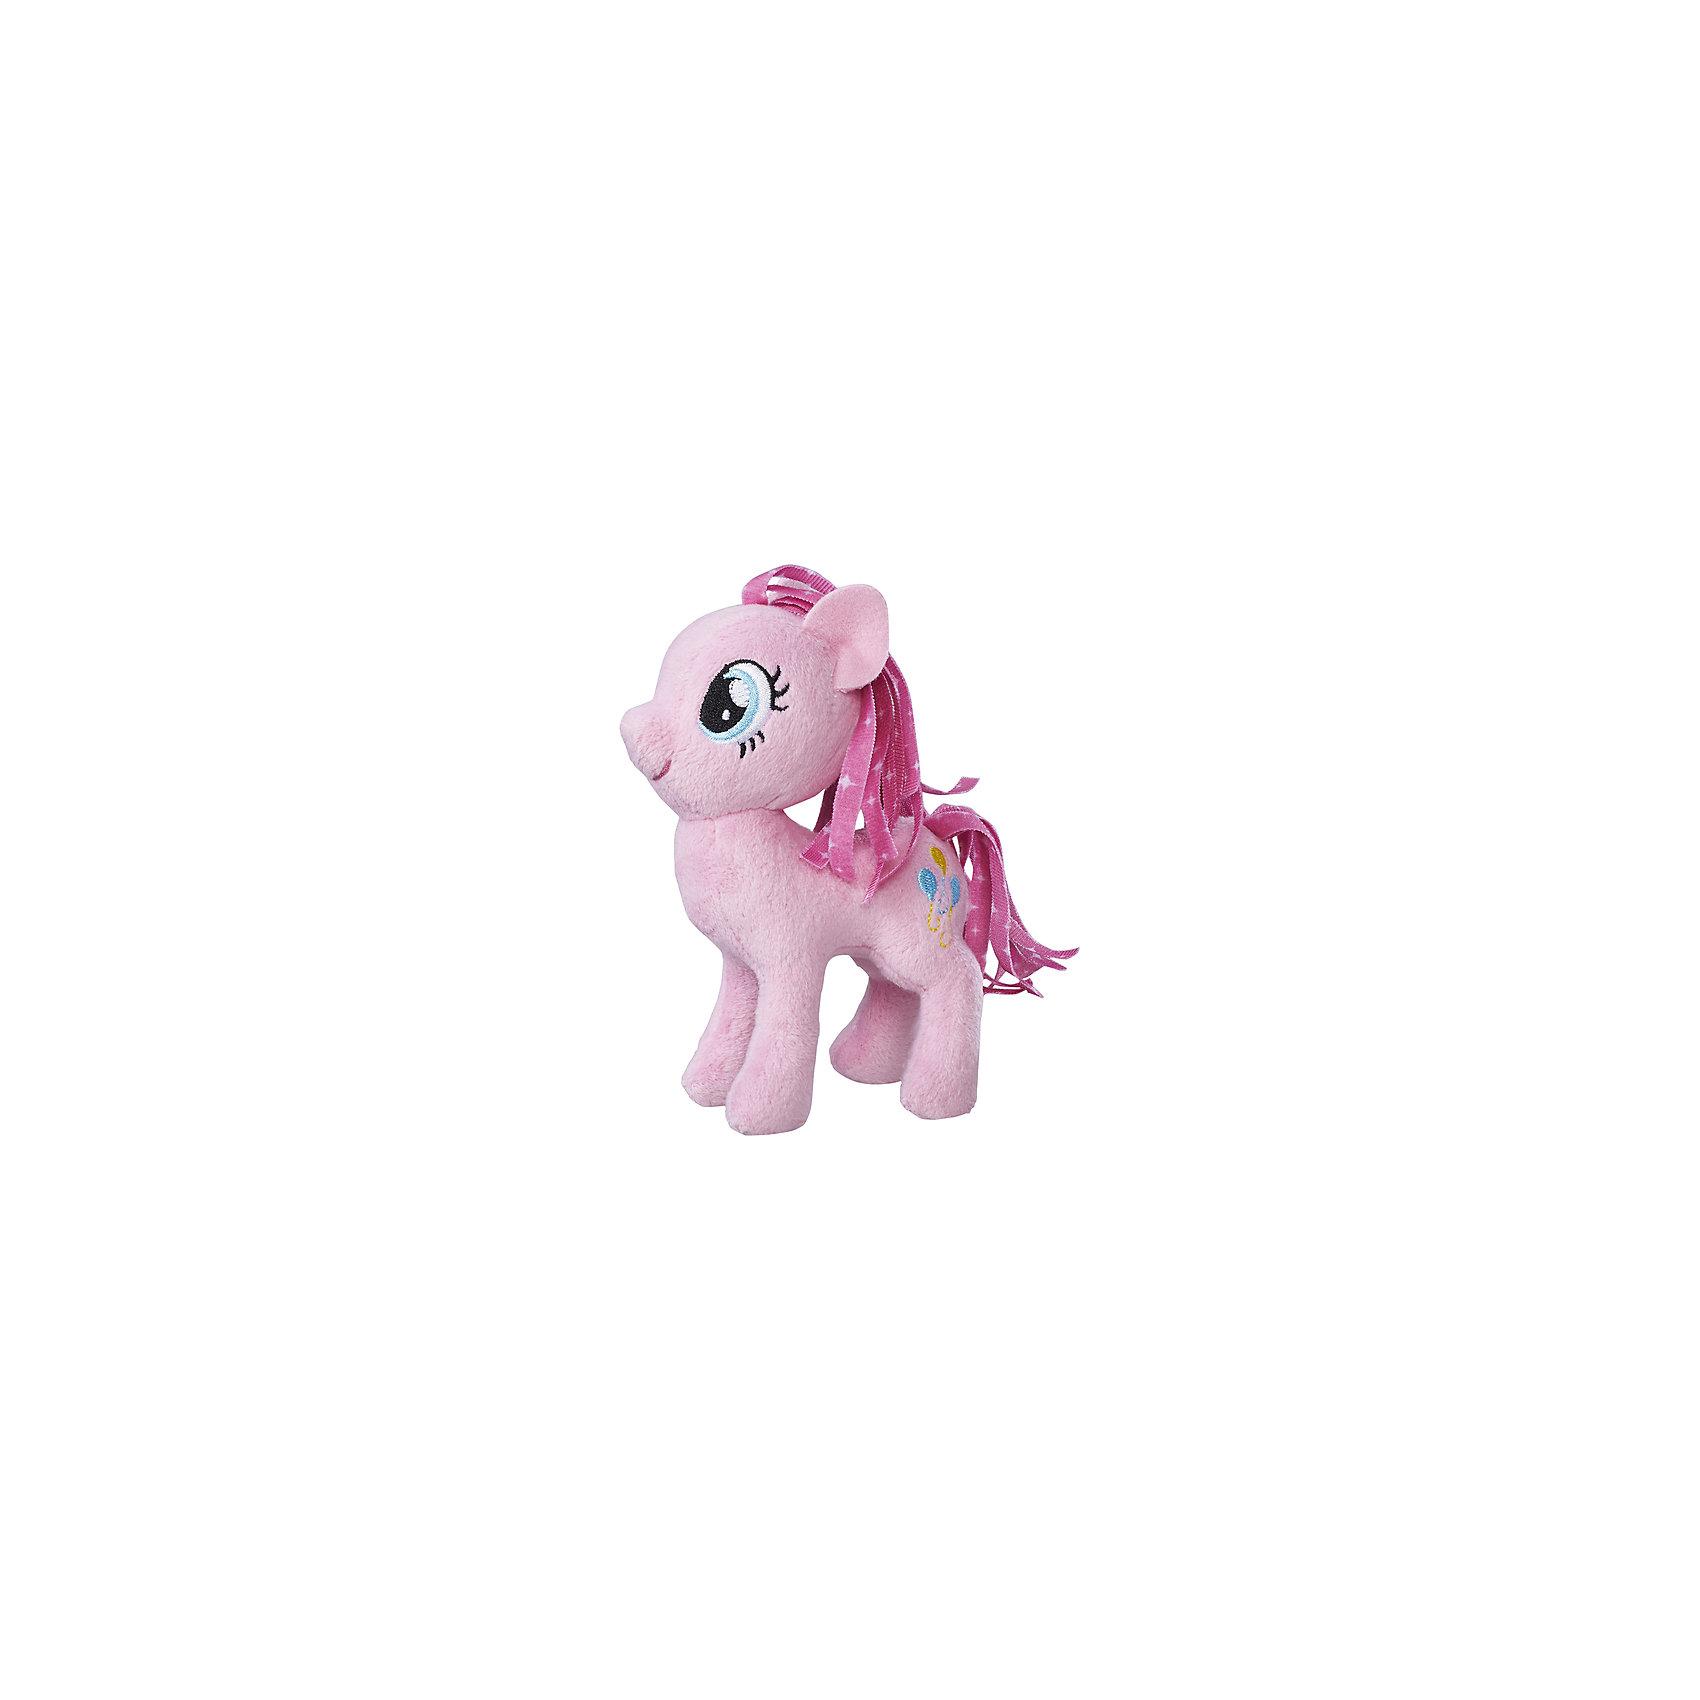 Мягкая игрушка Hasbro My little Pony Маленькие плюшевые пони, Пинки Пай 13 смЛюбимые герои<br><br><br>Ширина мм: 102<br>Глубина мм: 102<br>Высота мм: 127<br>Вес г: 39<br>Возраст от месяцев: 36<br>Возраст до месяцев: 2147483647<br>Пол: Женский<br>Возраст: Детский<br>SKU: 7140849